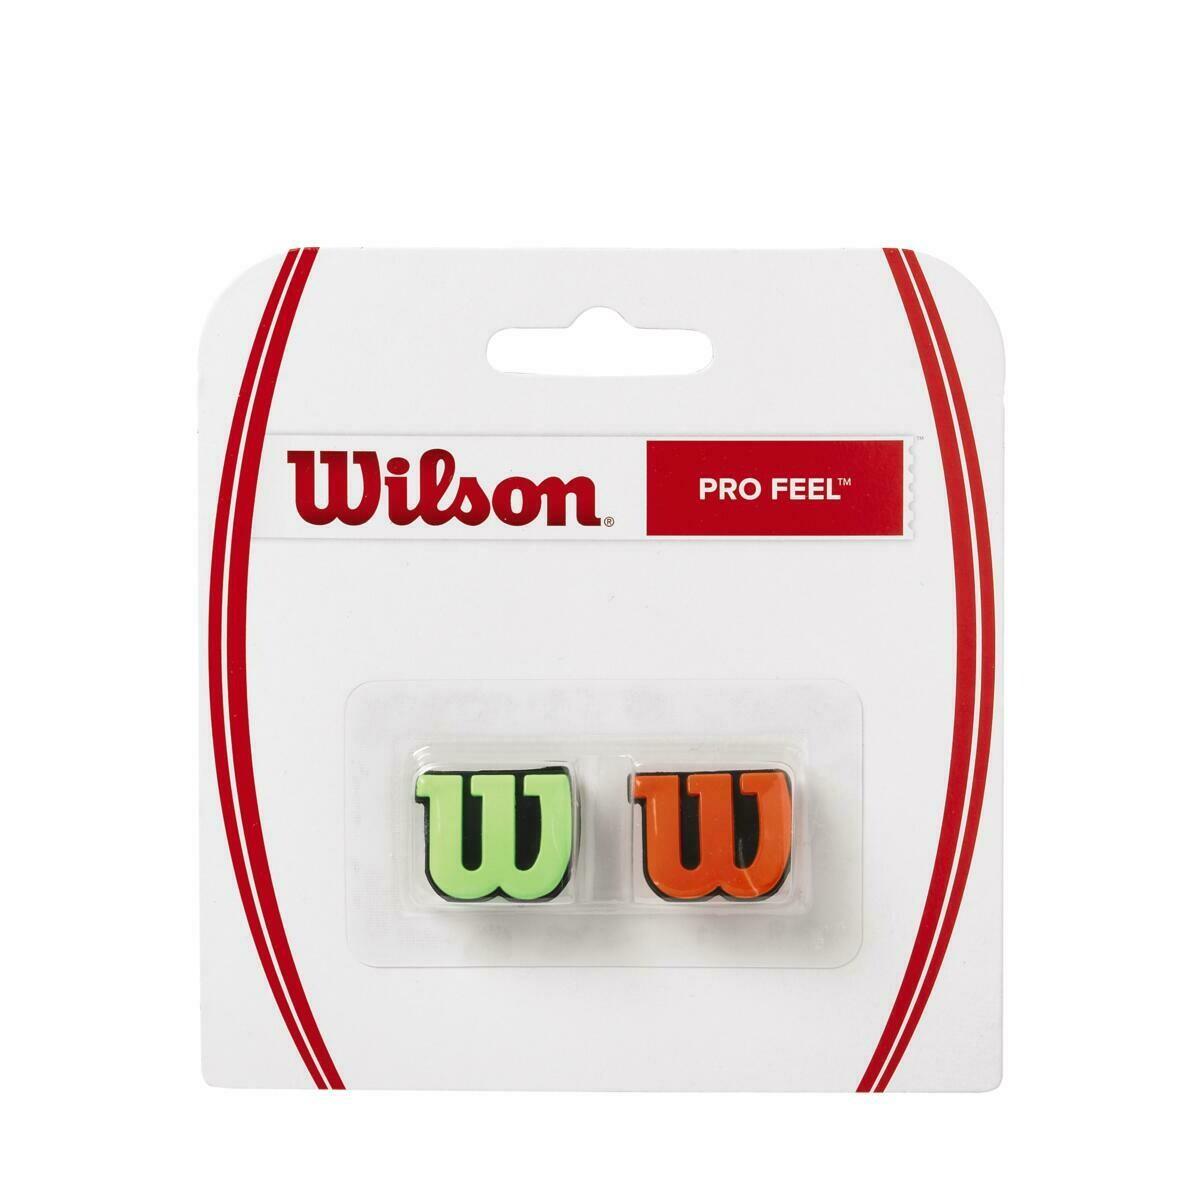 Wilson Pro Feel Dampener 2 Pack - Green/Orange